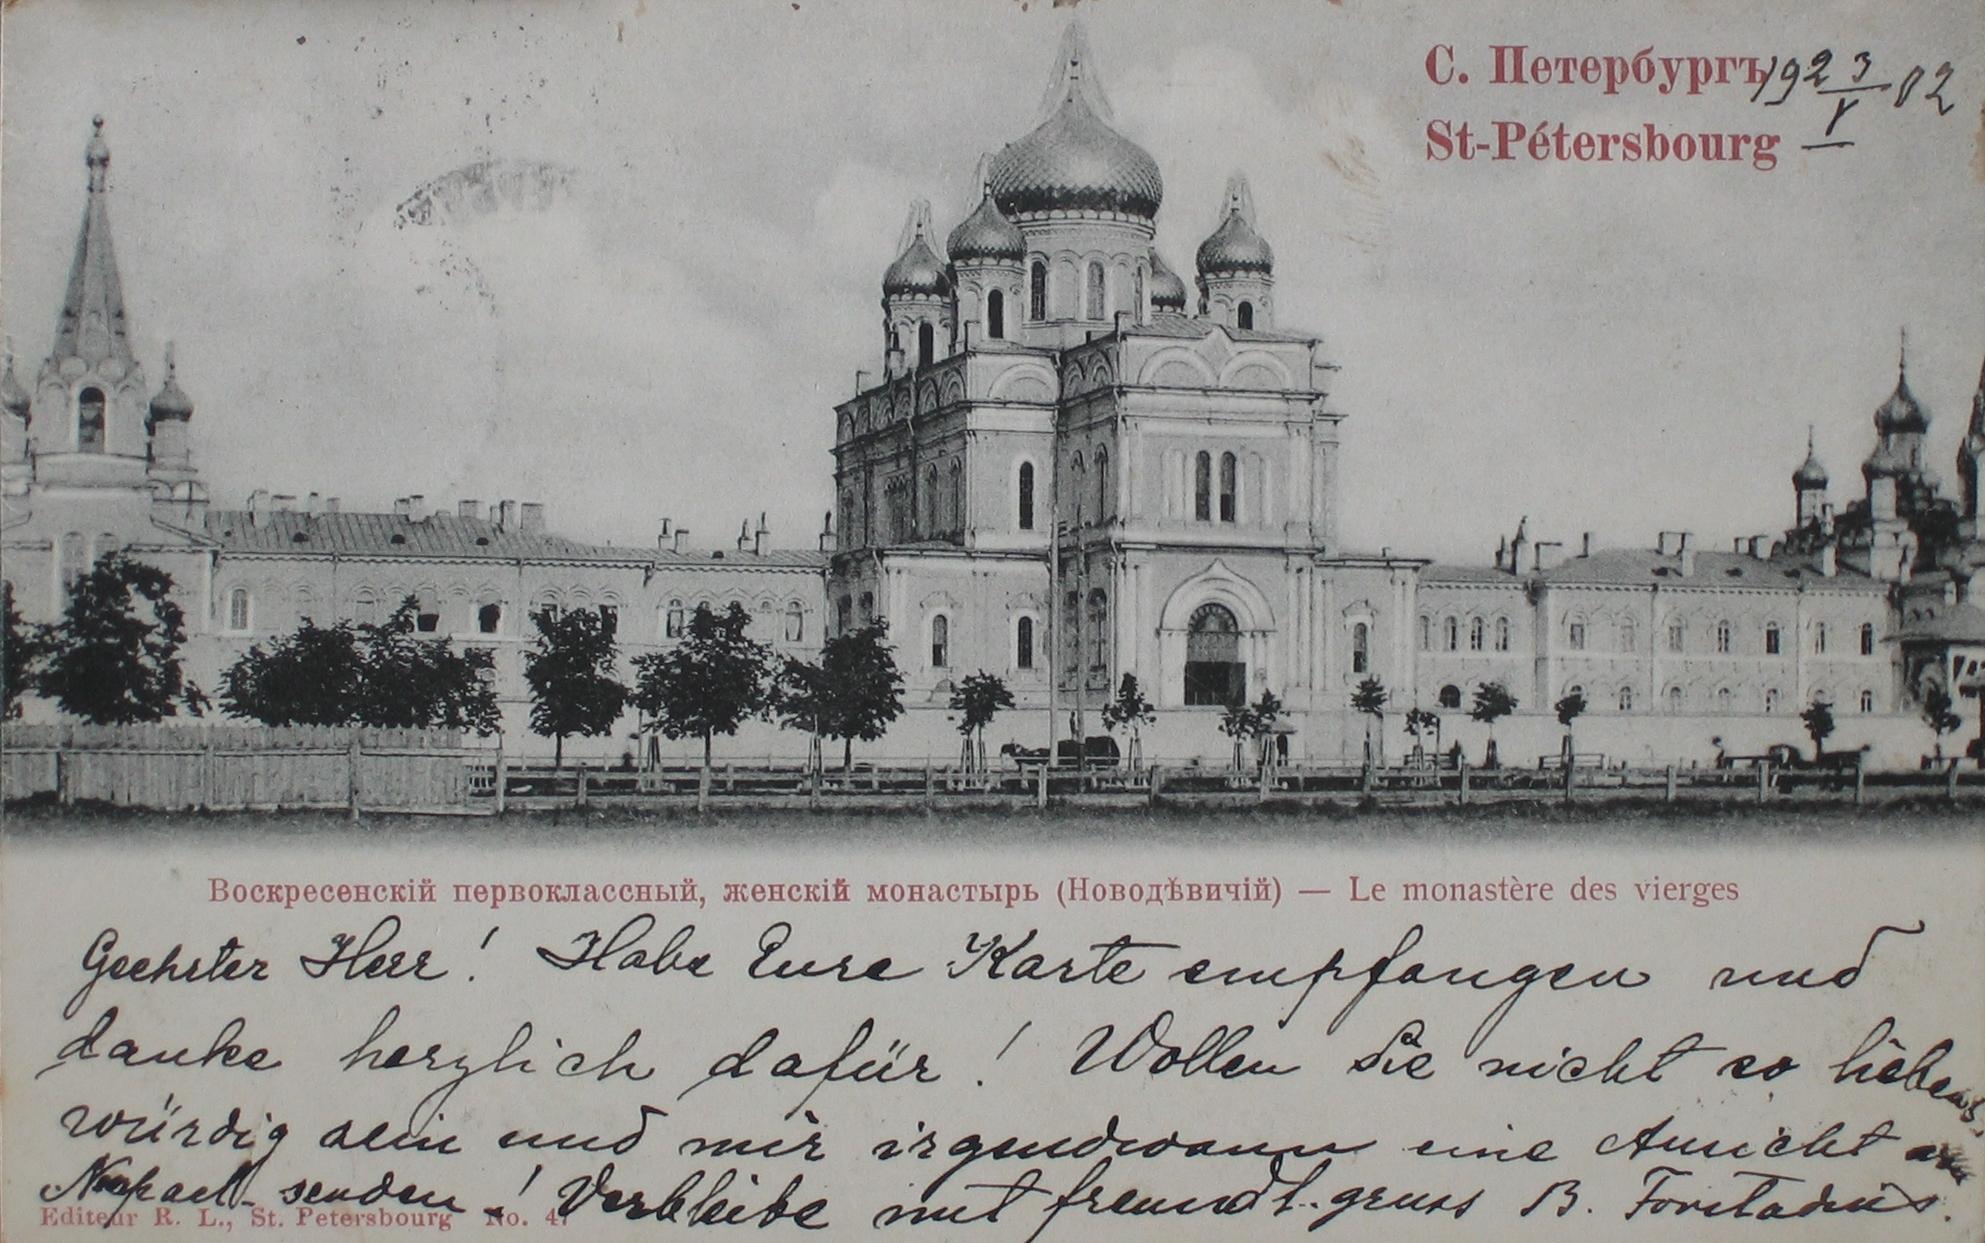 Воскресенский первоклассный женский монастырь (Новодевичий)